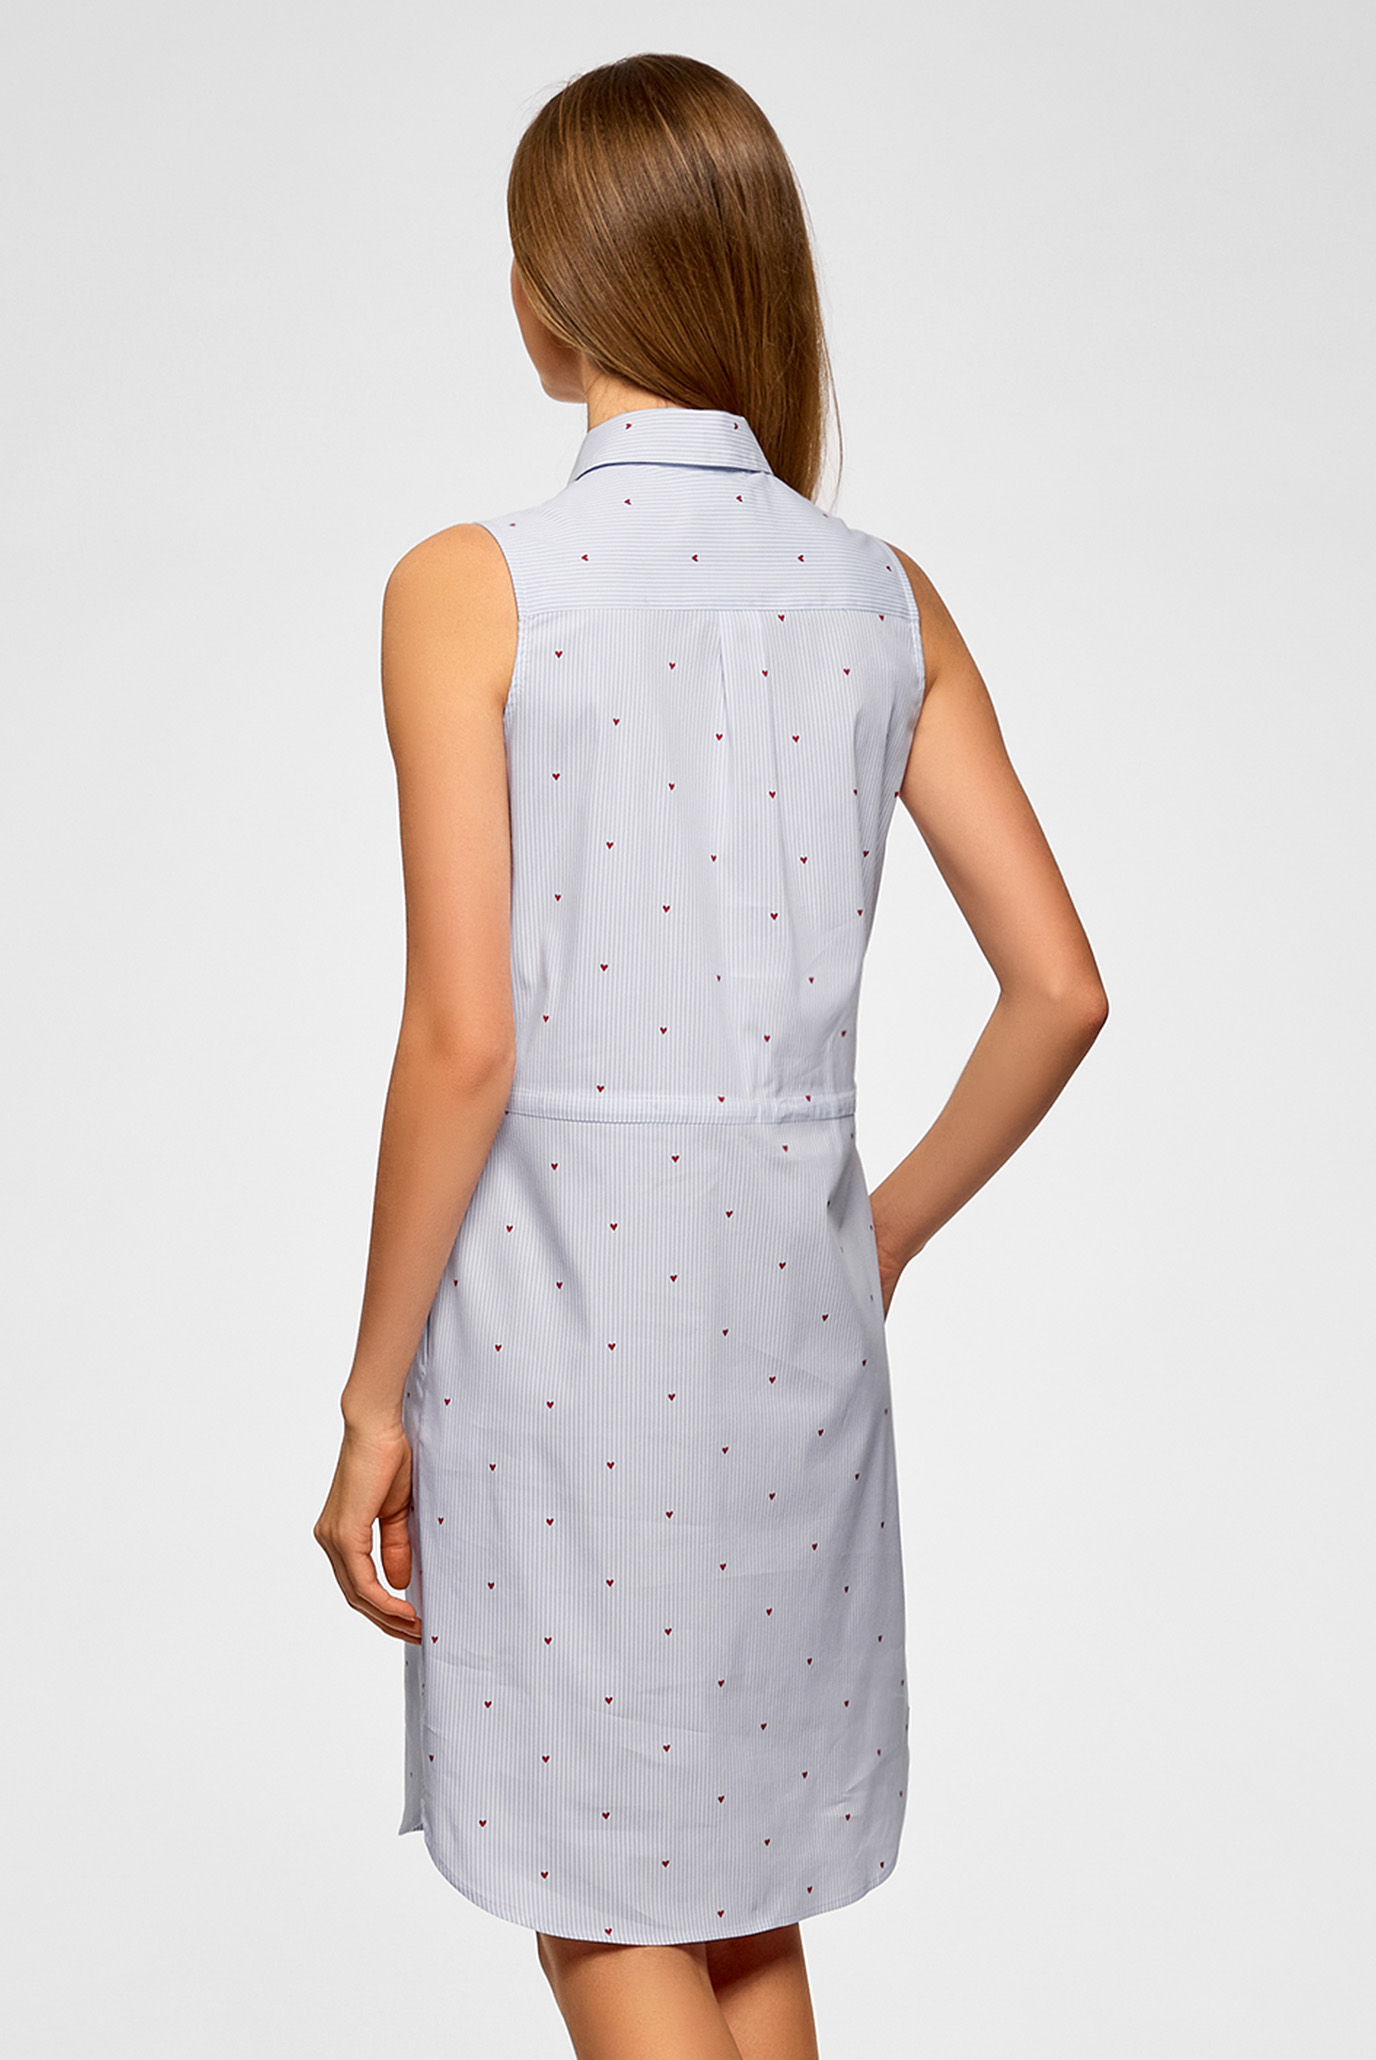 Купить Женское белое платье Oodji Oodji 11901147-4B/45202/1075O – Киев, Украина. Цены в интернет магазине MD Fashion